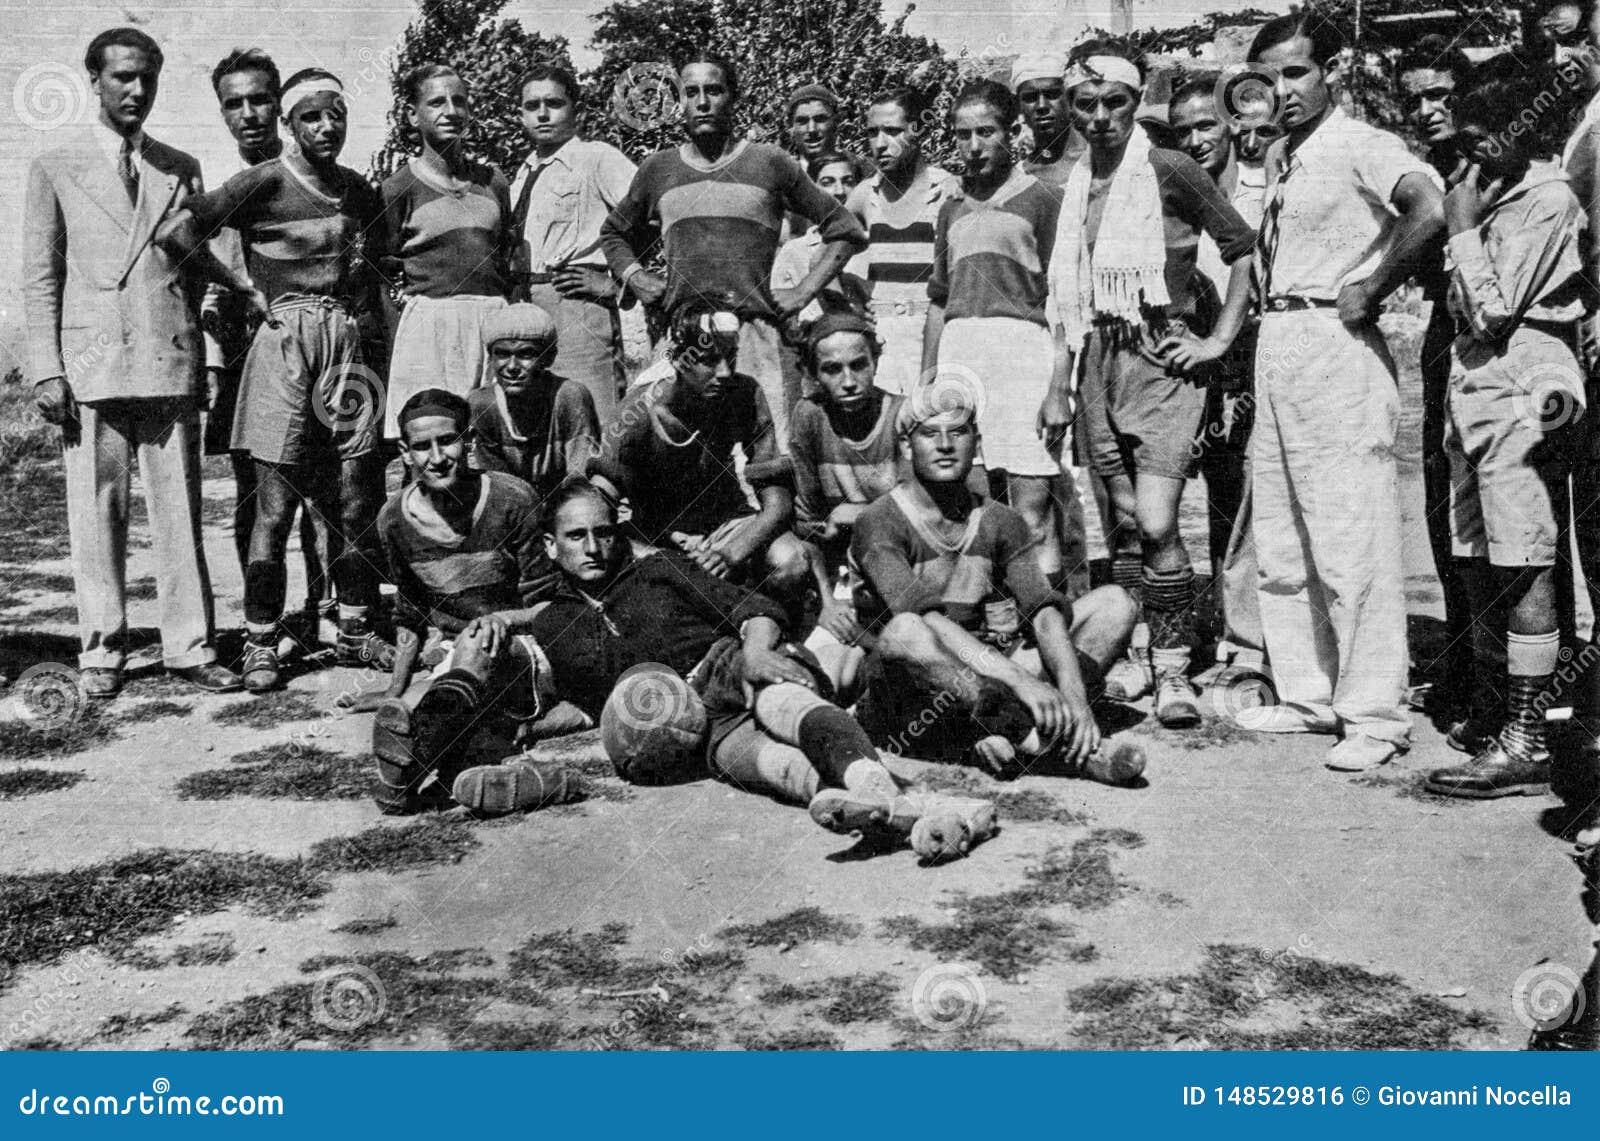 卡普里,意大利,1934年- Fuorigrottese球员在足球以后抢救会议摆在卡普里